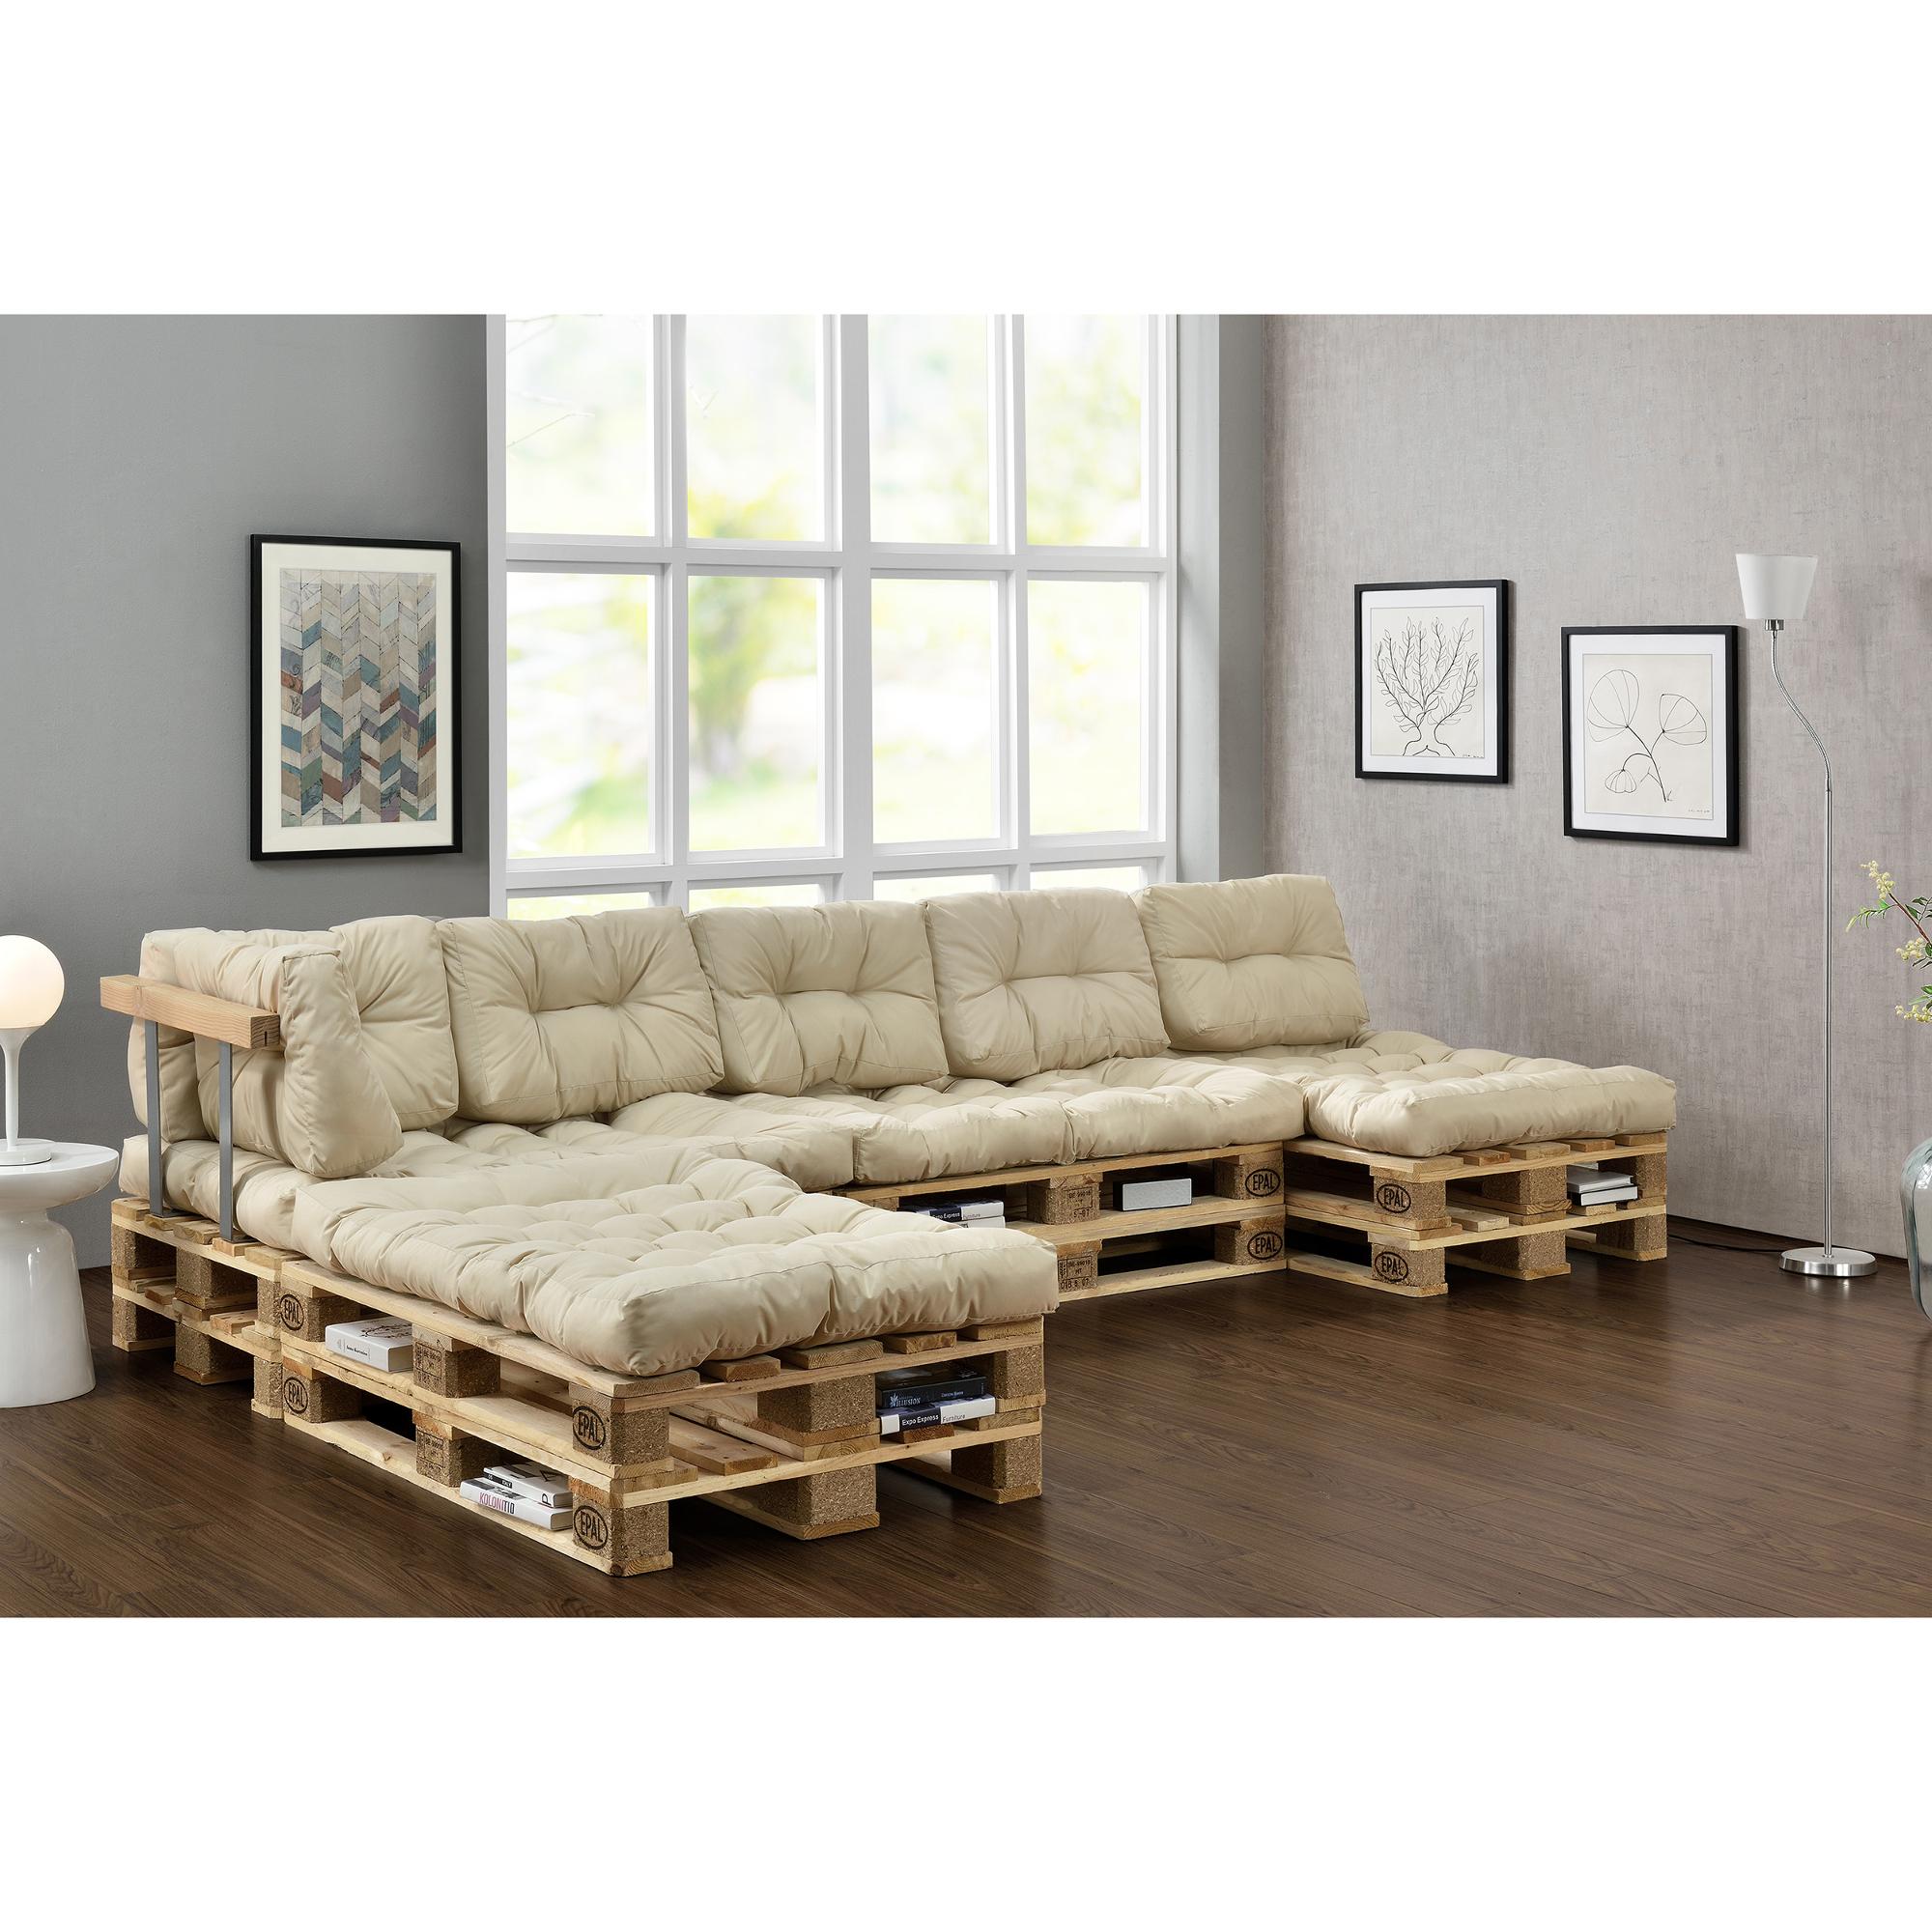 """Cuscini Beige Per Divano dettagli su [en.casa] """"divano palette euro"""" set beige adatto per dentro  cuscini imbottitura"""